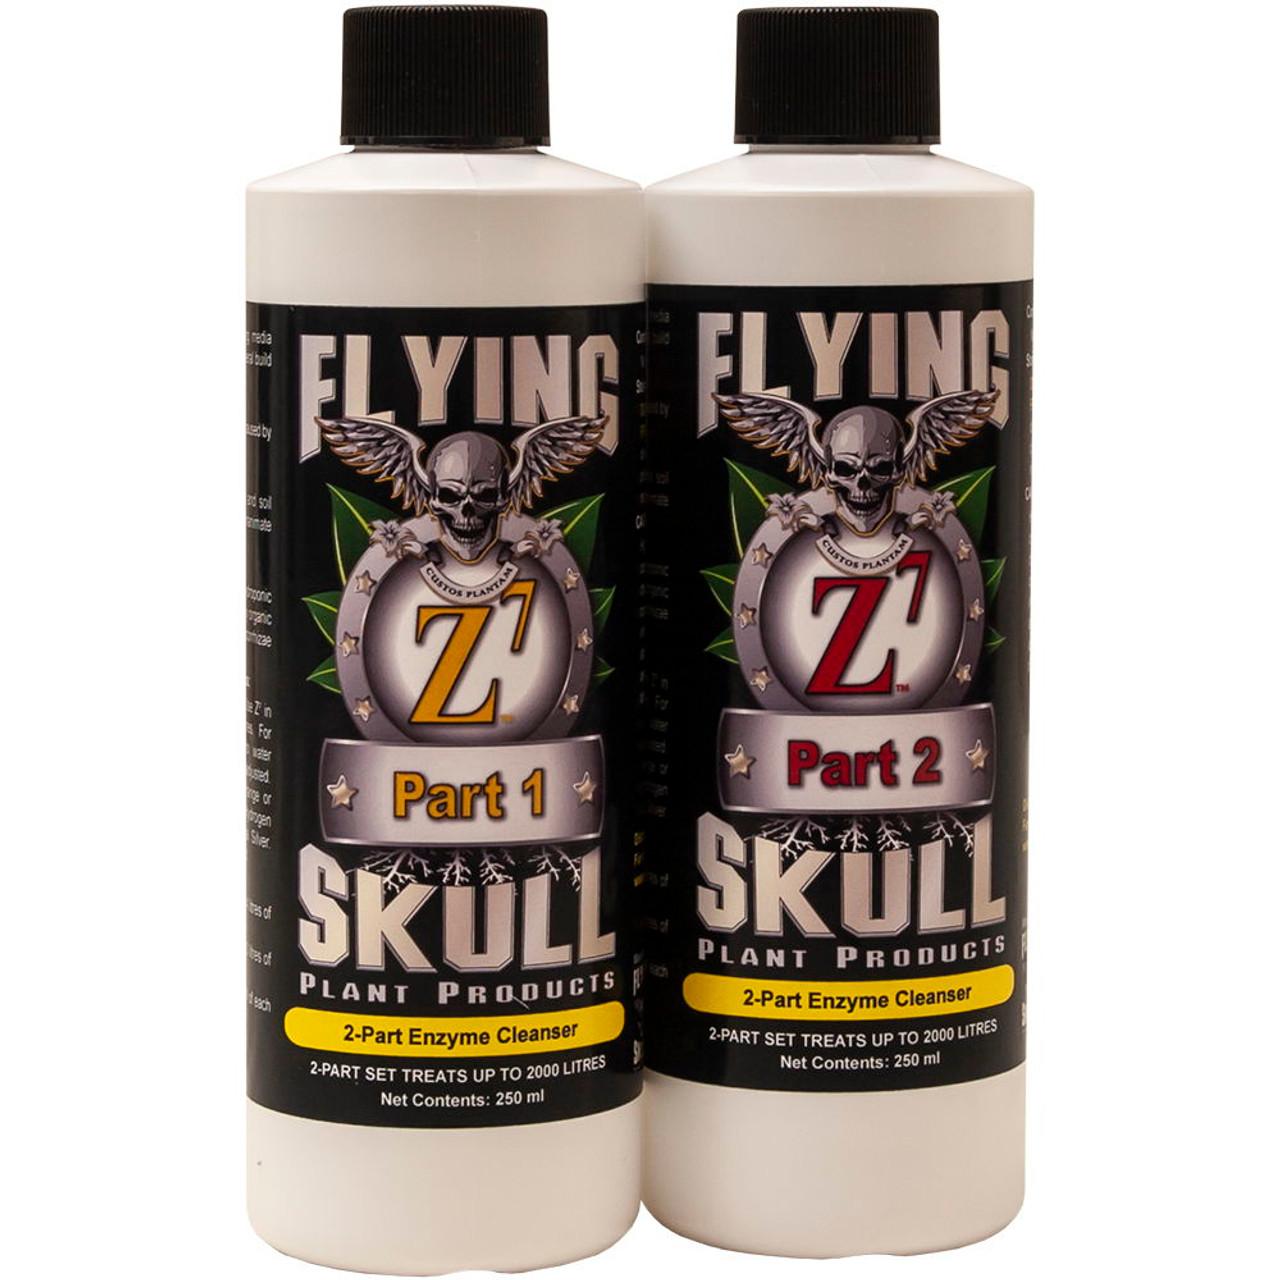 Flying SKull Z7 Enzyme Cleanser 250ml Bottles Set